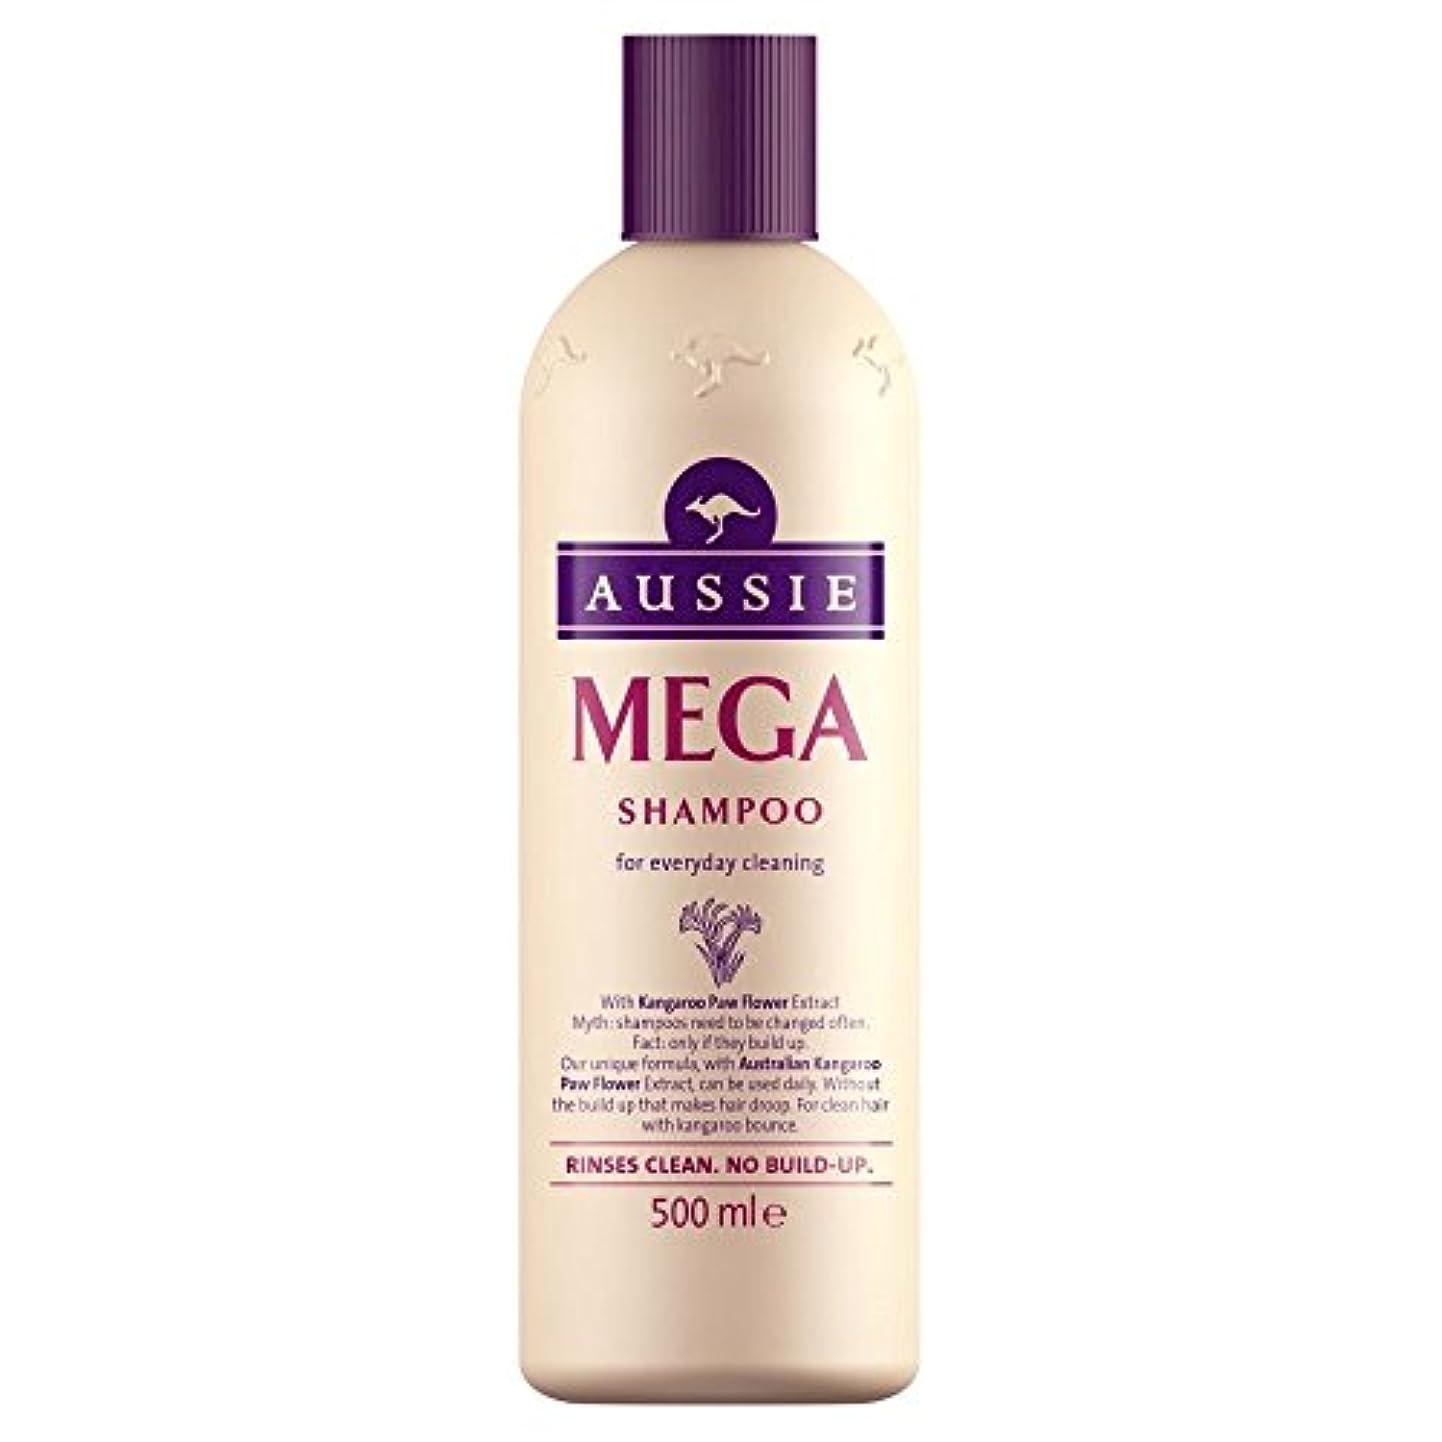 大学生補正受信Aussie Mega Shampoo (500ml) オージーメガシャンプー( 500ミリリットル) [並行輸入品]